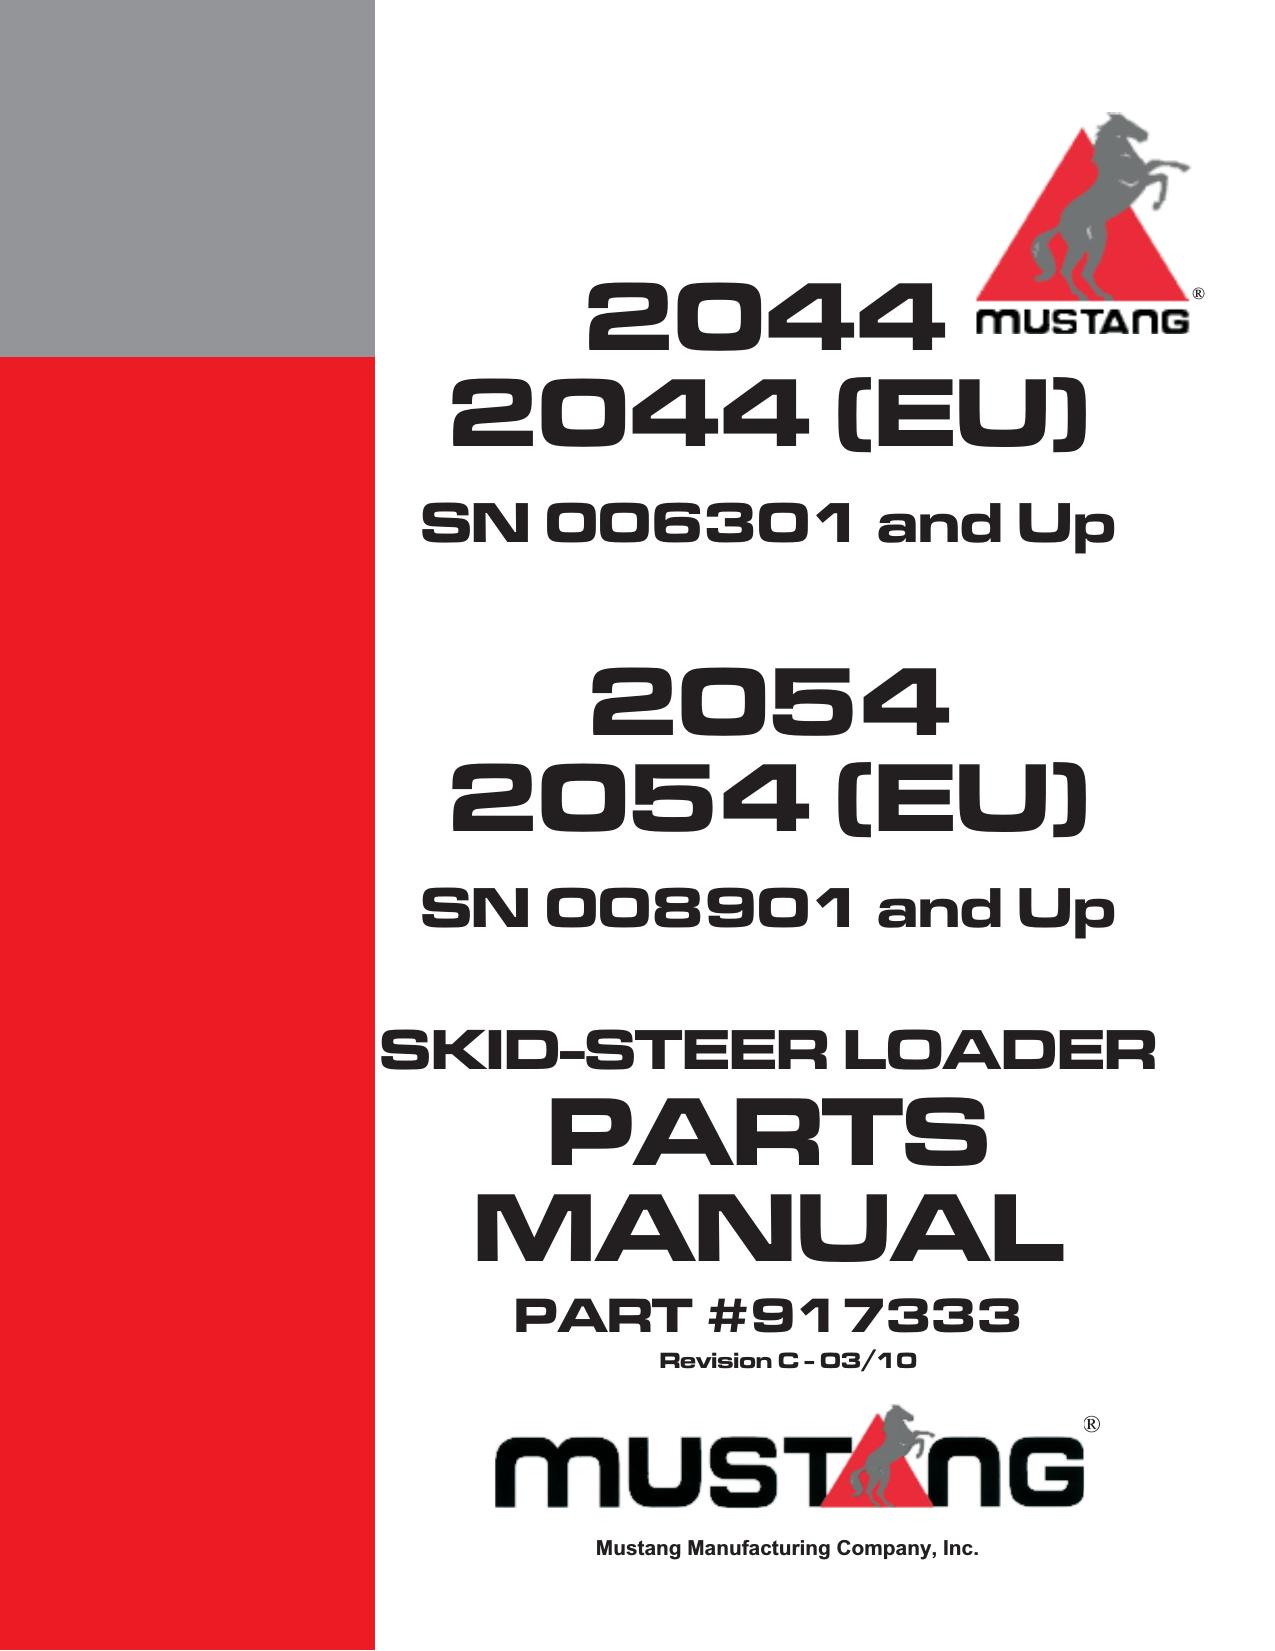 2044 2044  Eu  2054 2054  Eu  Parts Manual